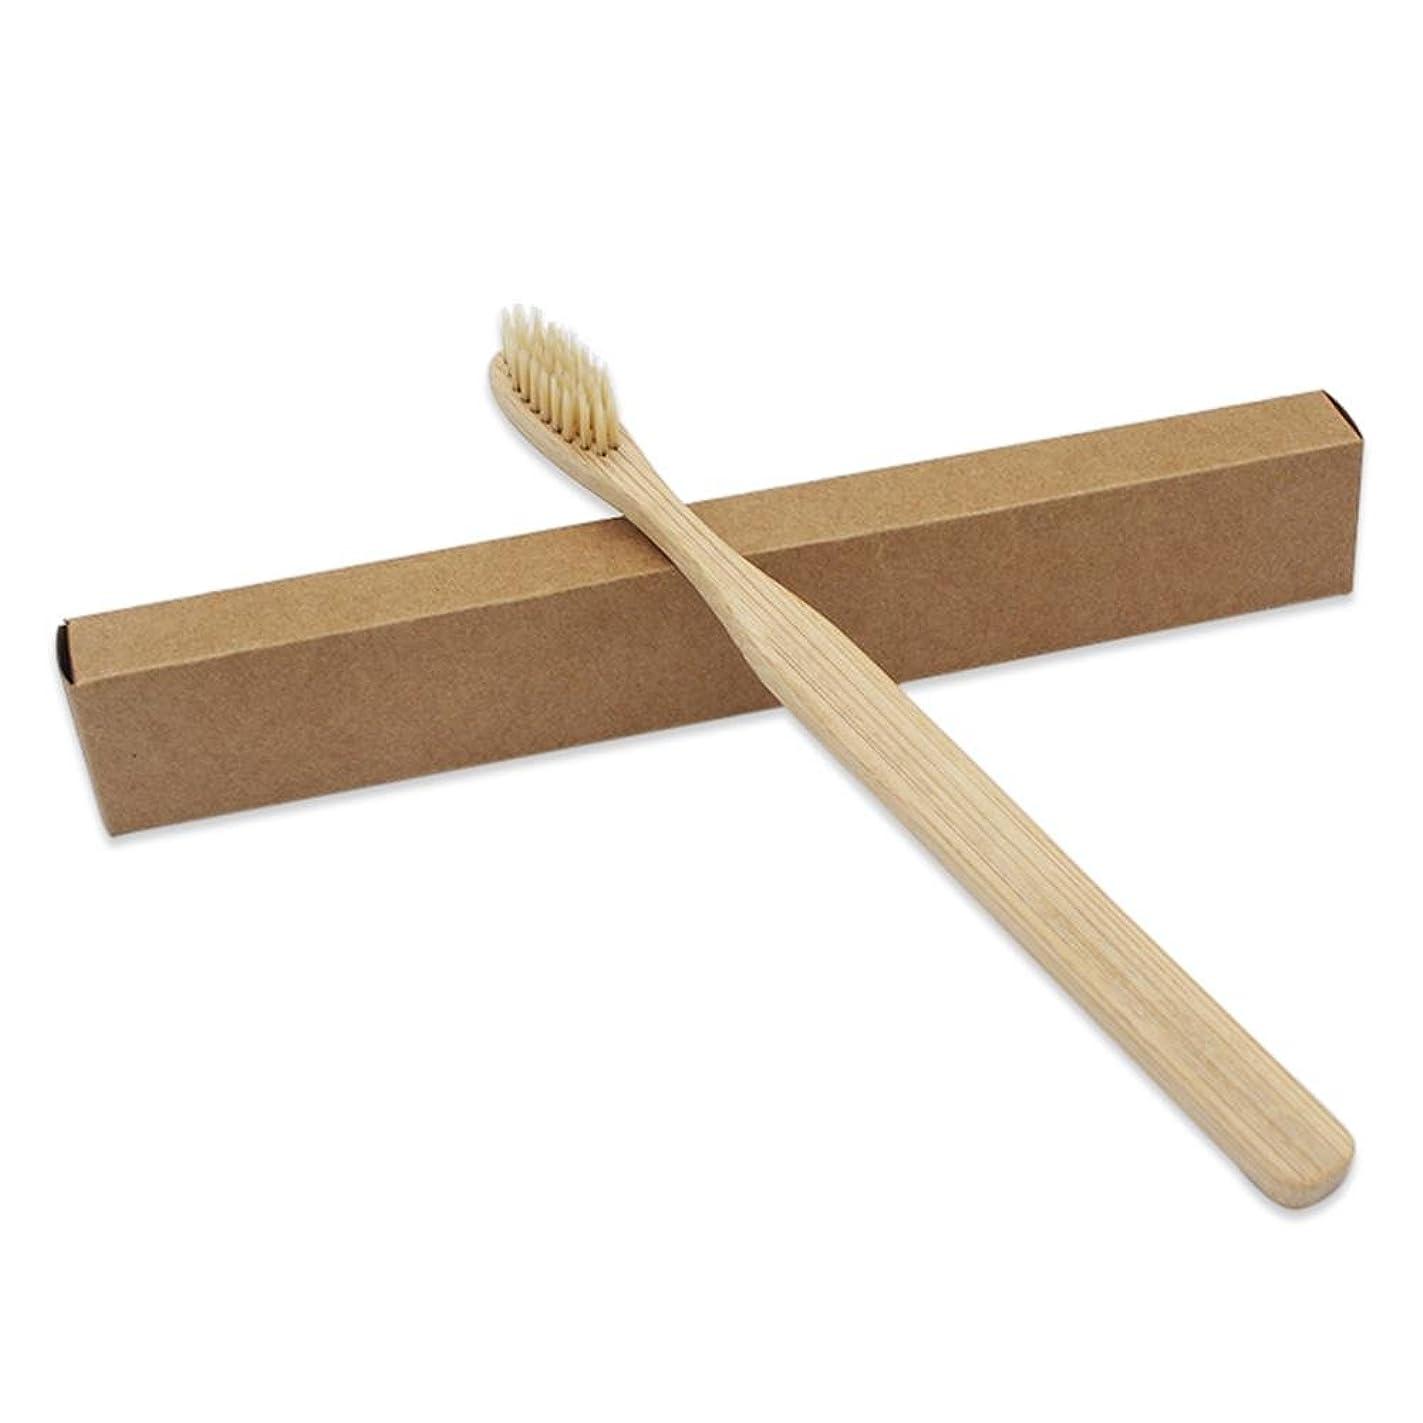 狂うペストメーターpowlancejp 竹炭の歯ブラシ 竹の歯ブラシ 分解性 環境保護の歯ブラシ 天然の柔らかいブラシ